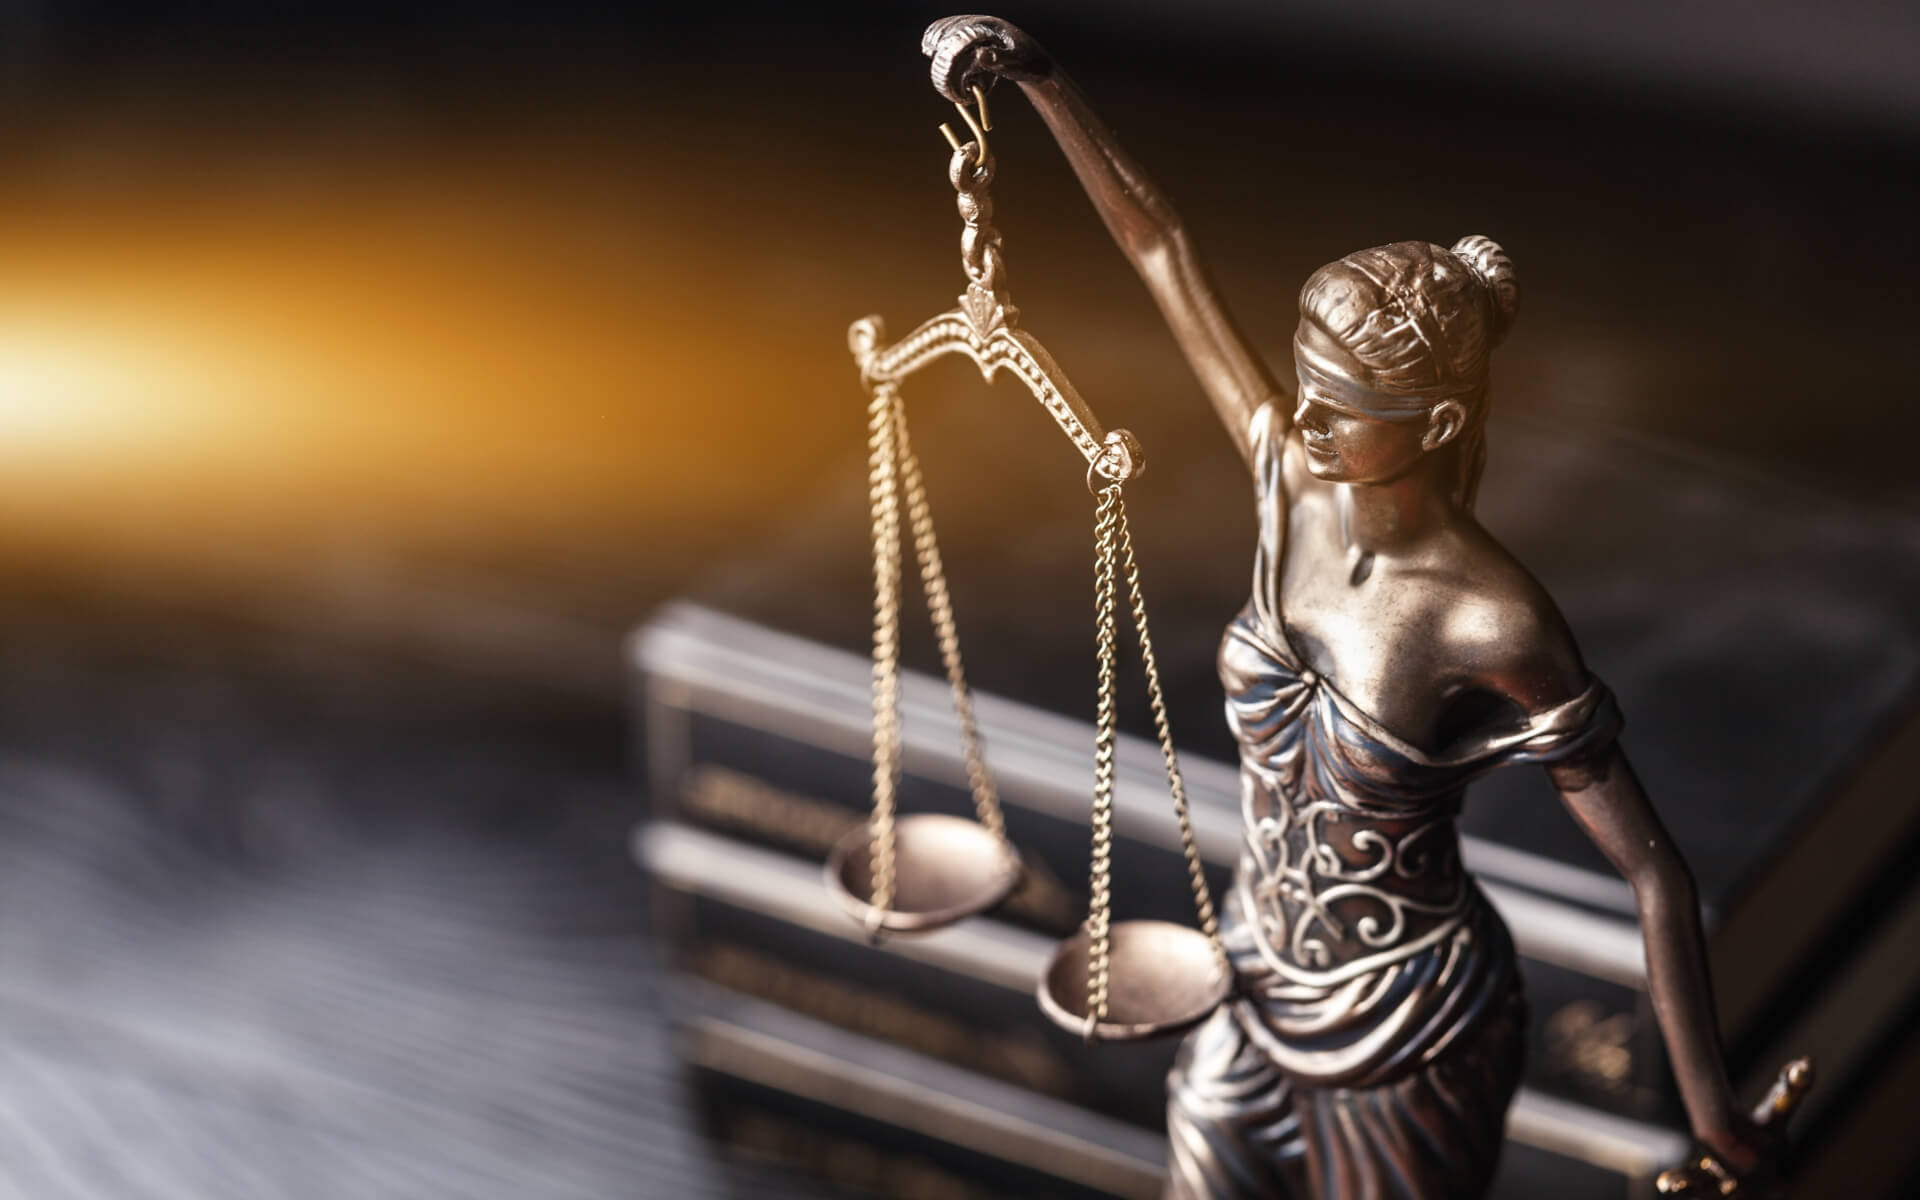 Právne knihy a symbol práva - socha spravodlivosti